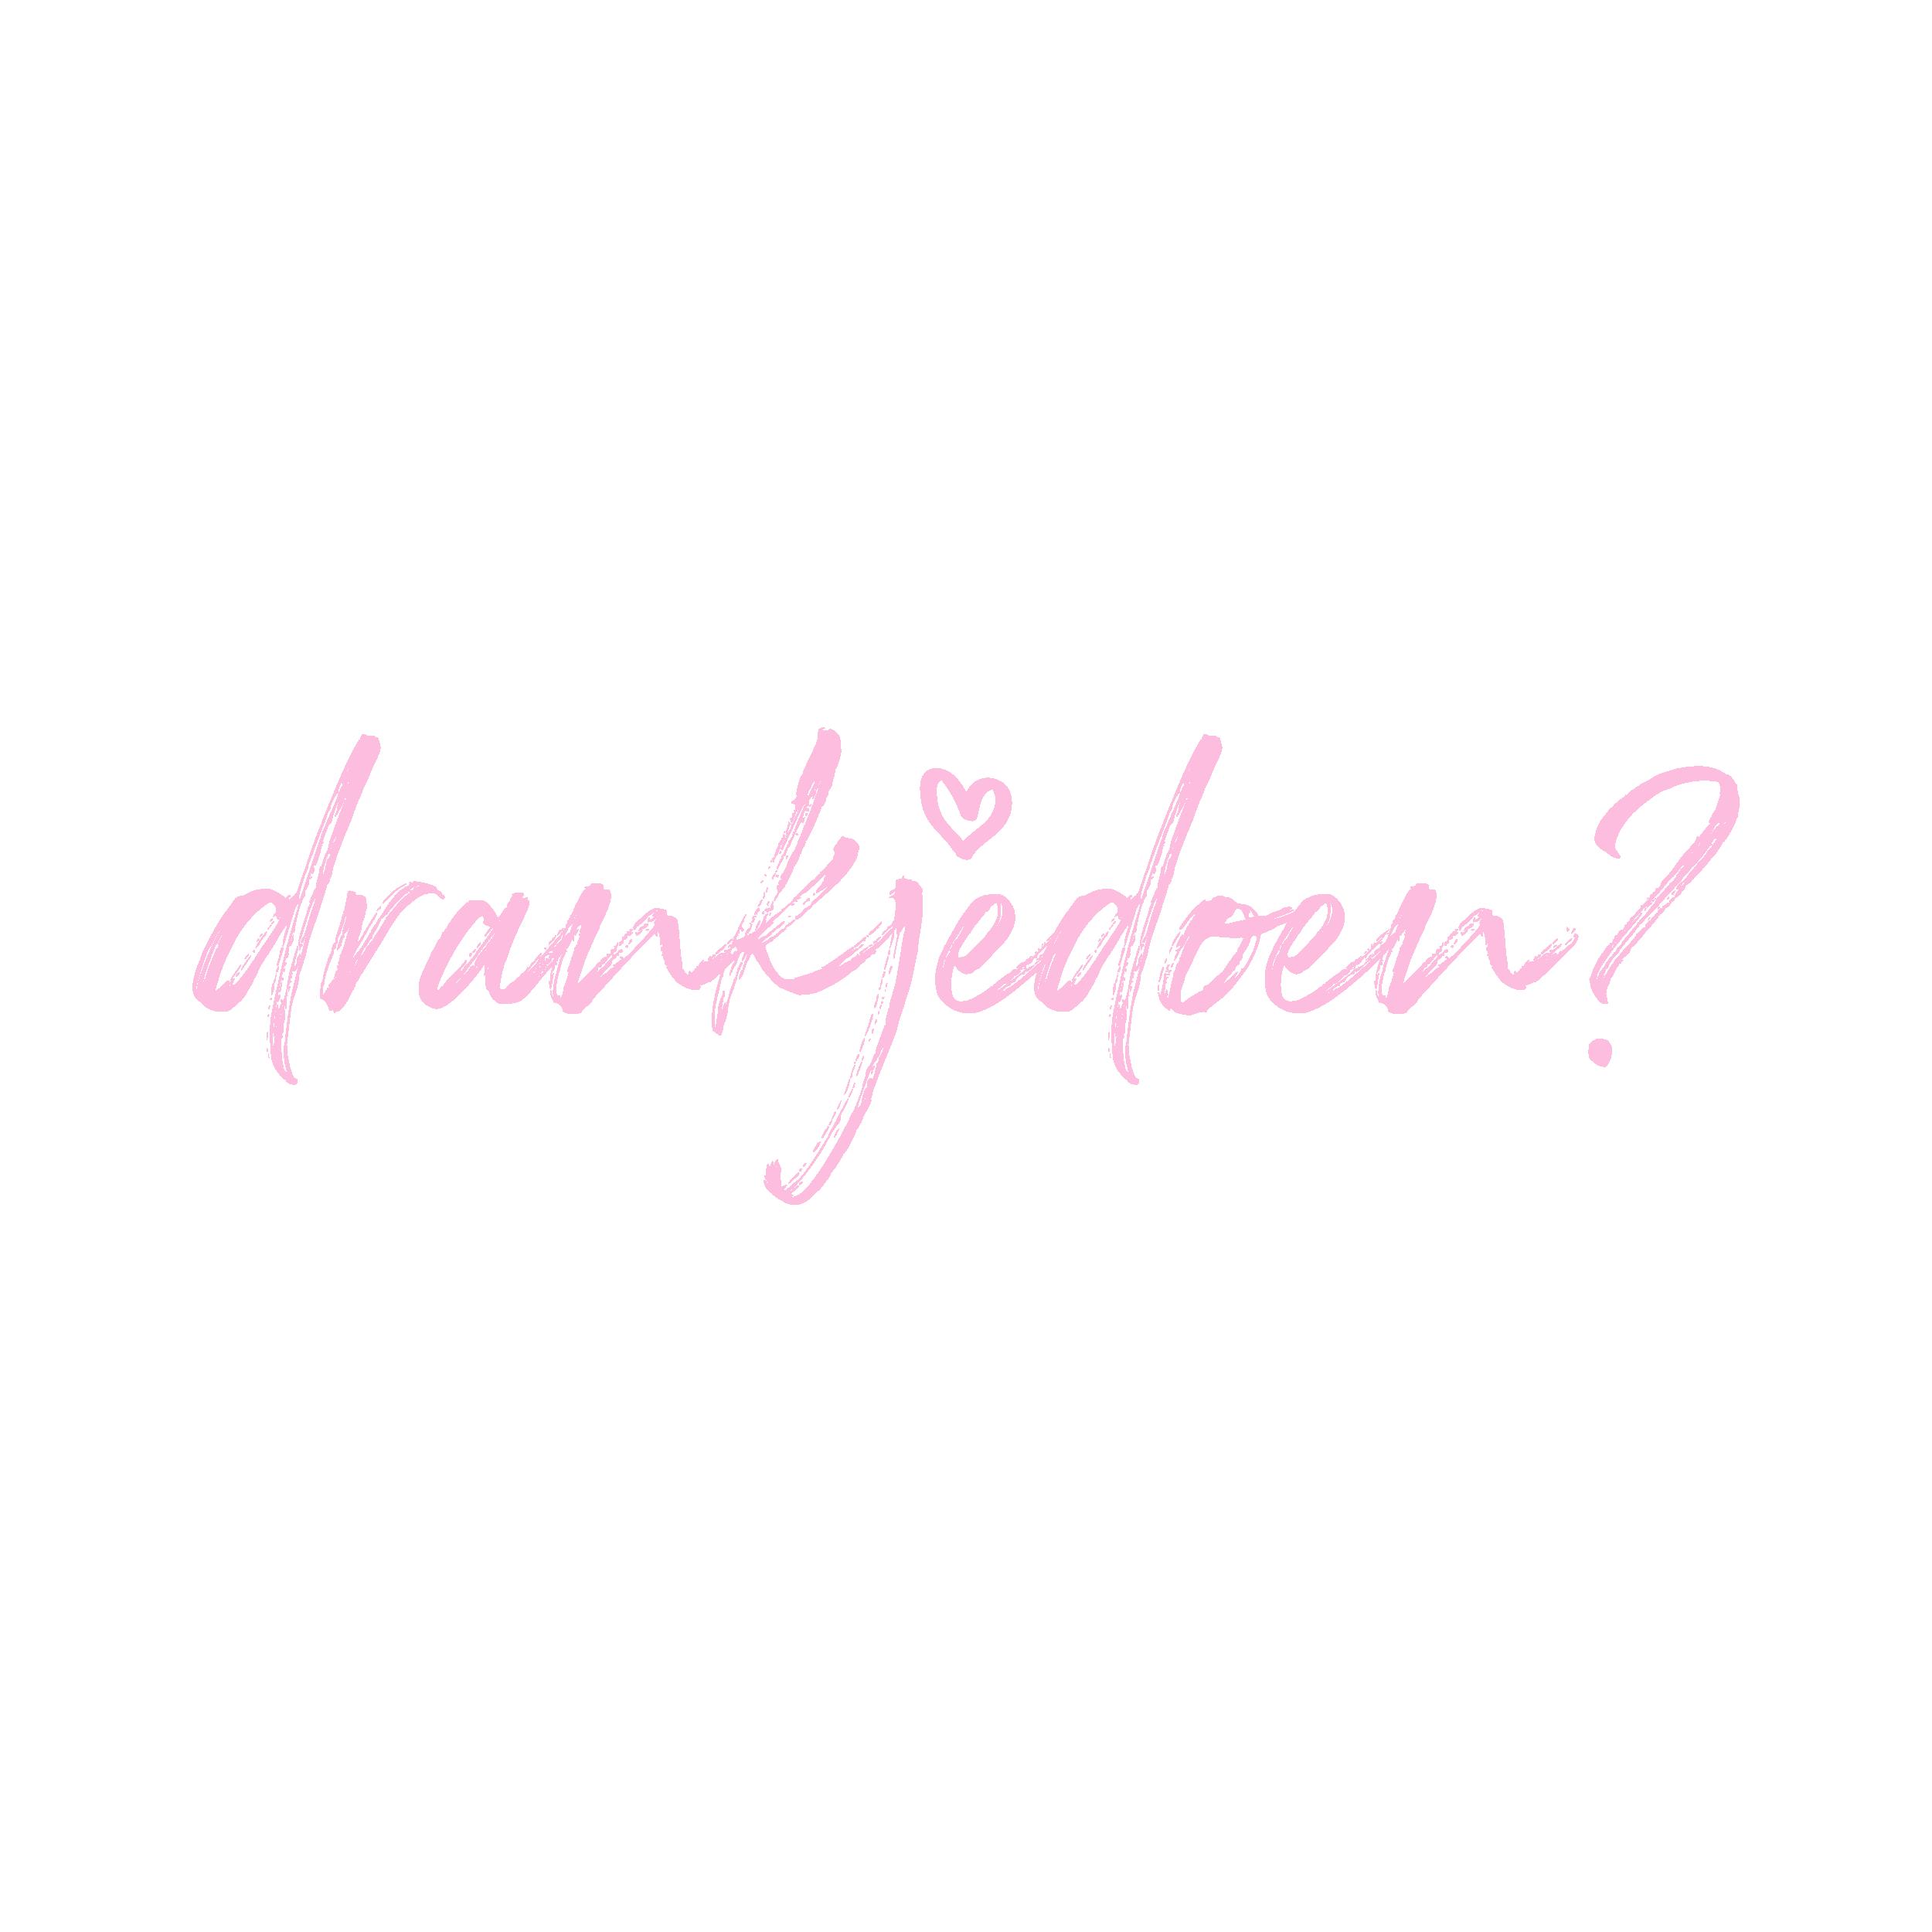 drankje-doen